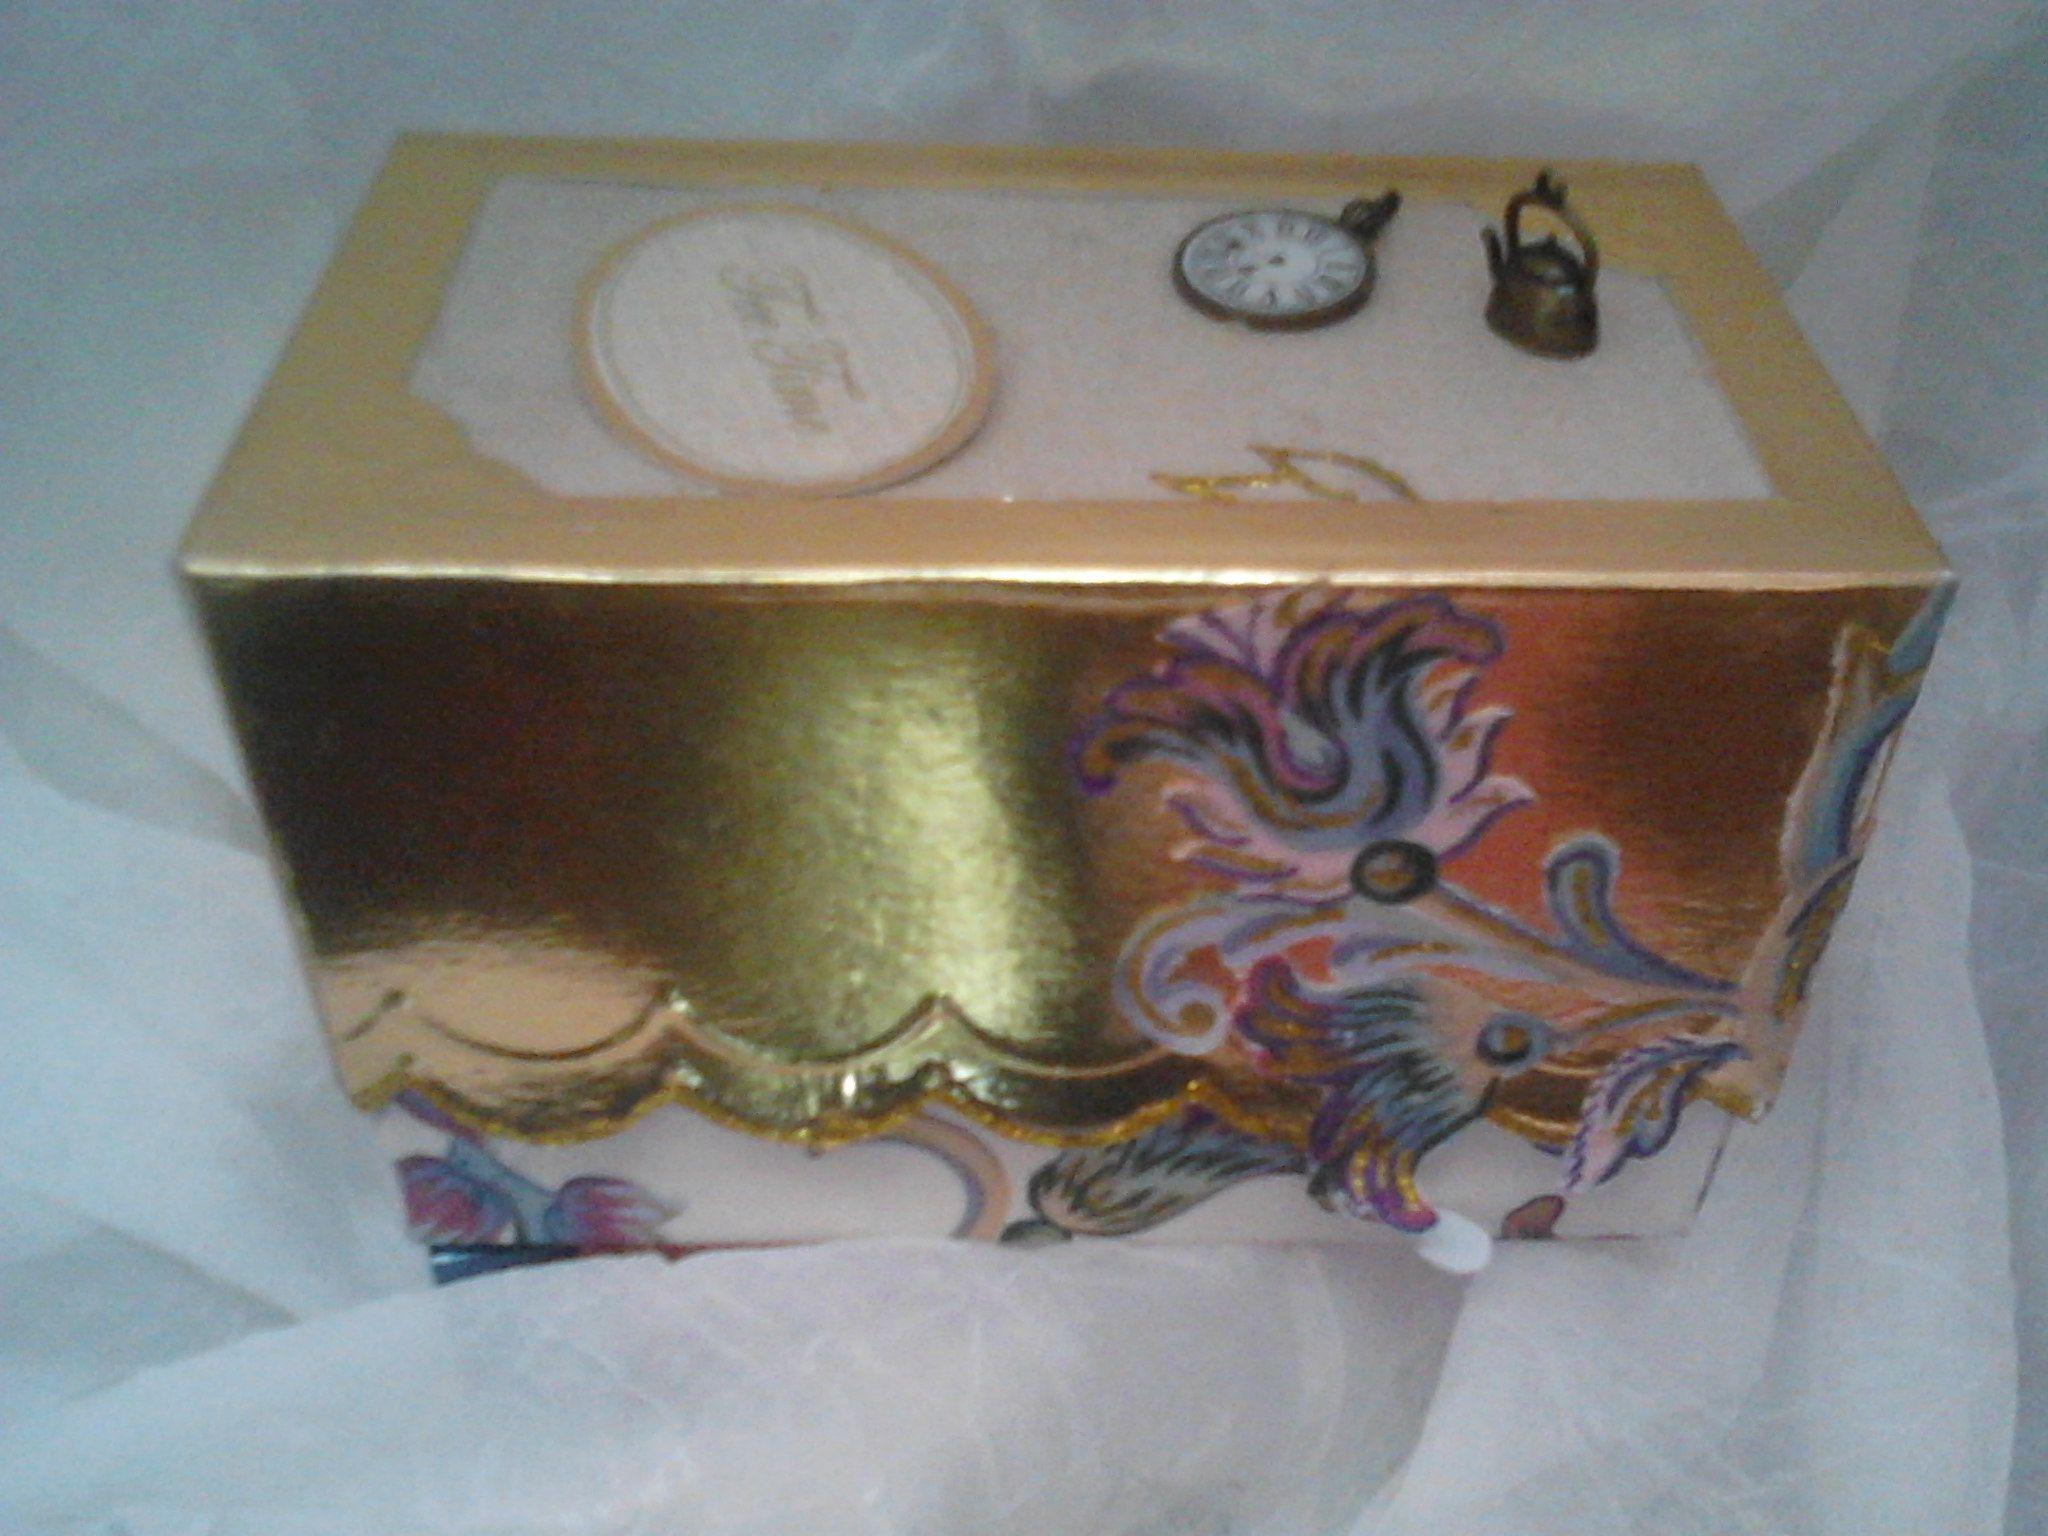 Caixa personalizada para oferta de boão de chá.